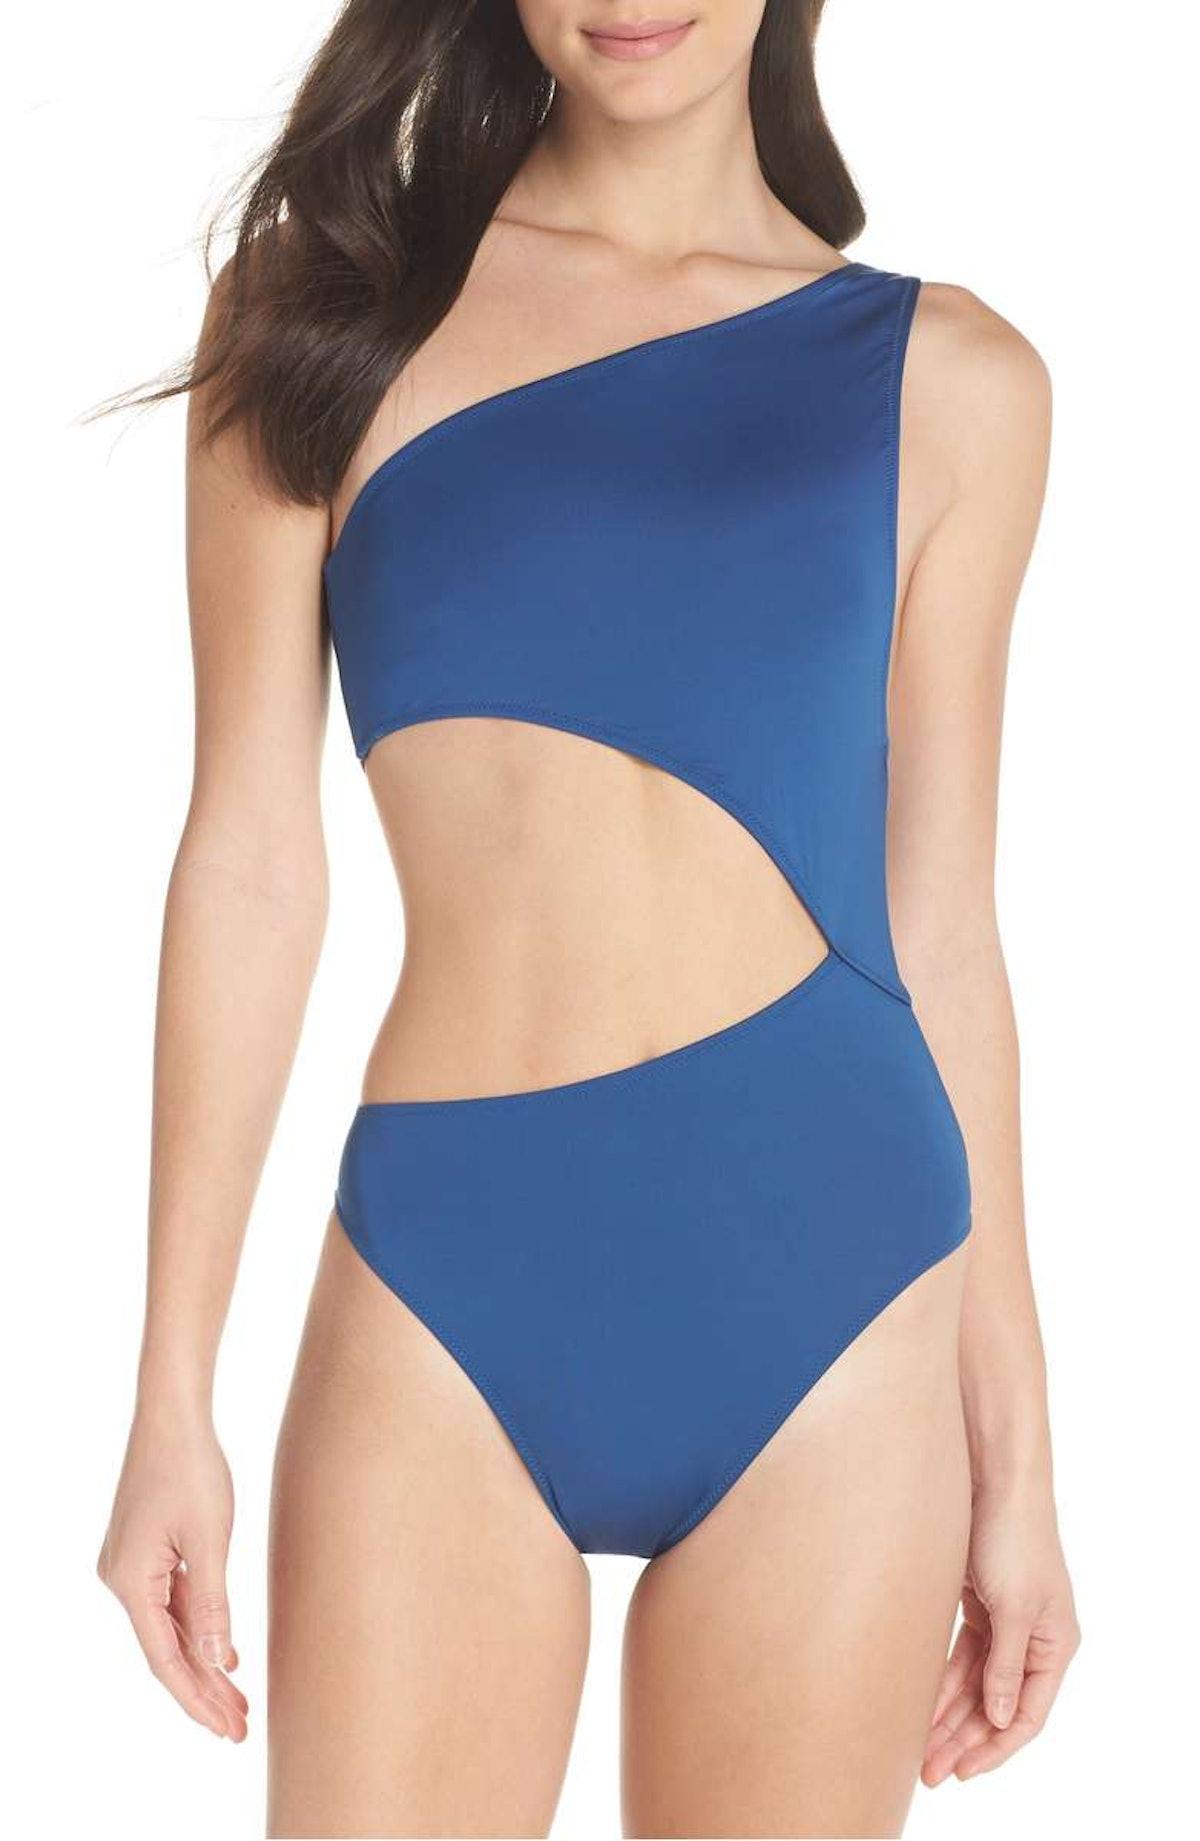 J.Crew Playa Tilden One-Shoulder One-Piece Swimsuit